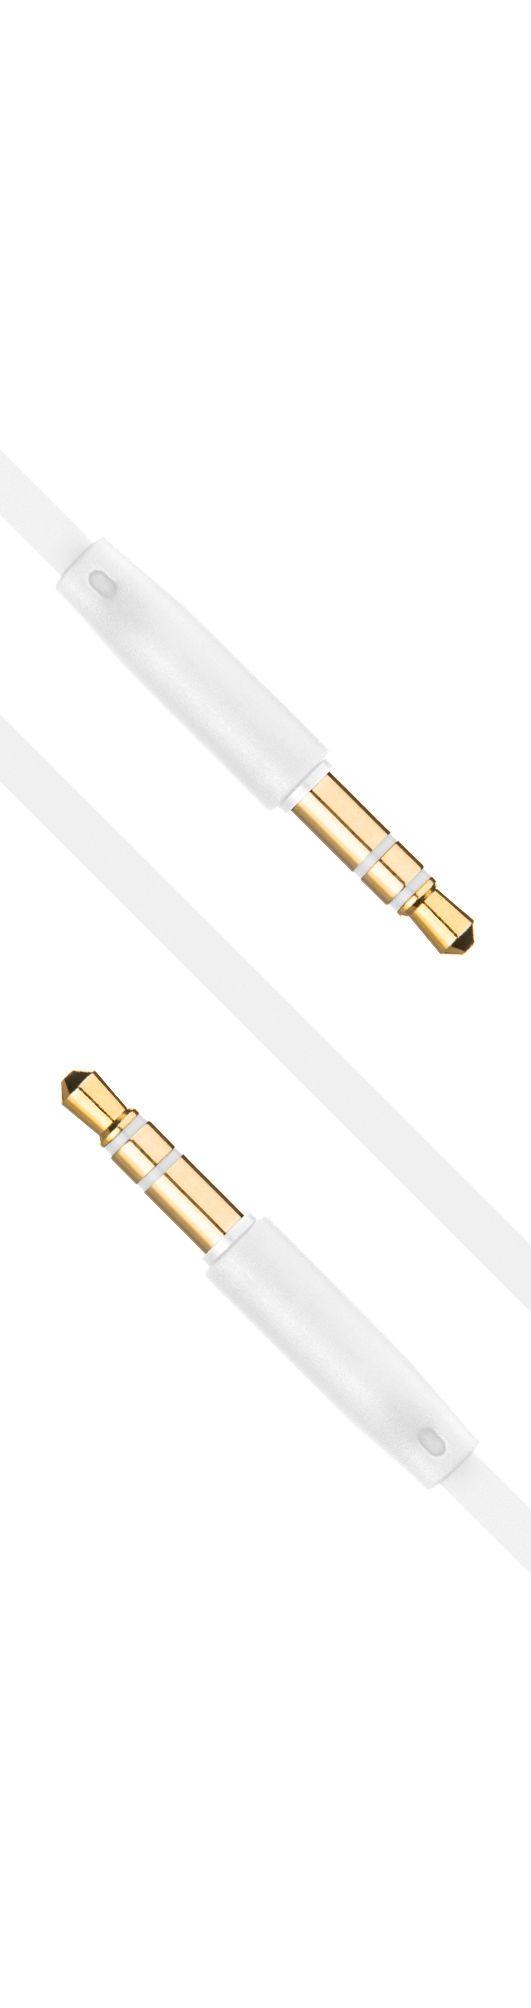 Plochý audio AUX kabel FIXED s konektory 2 x 3,5 mm jack, bílý